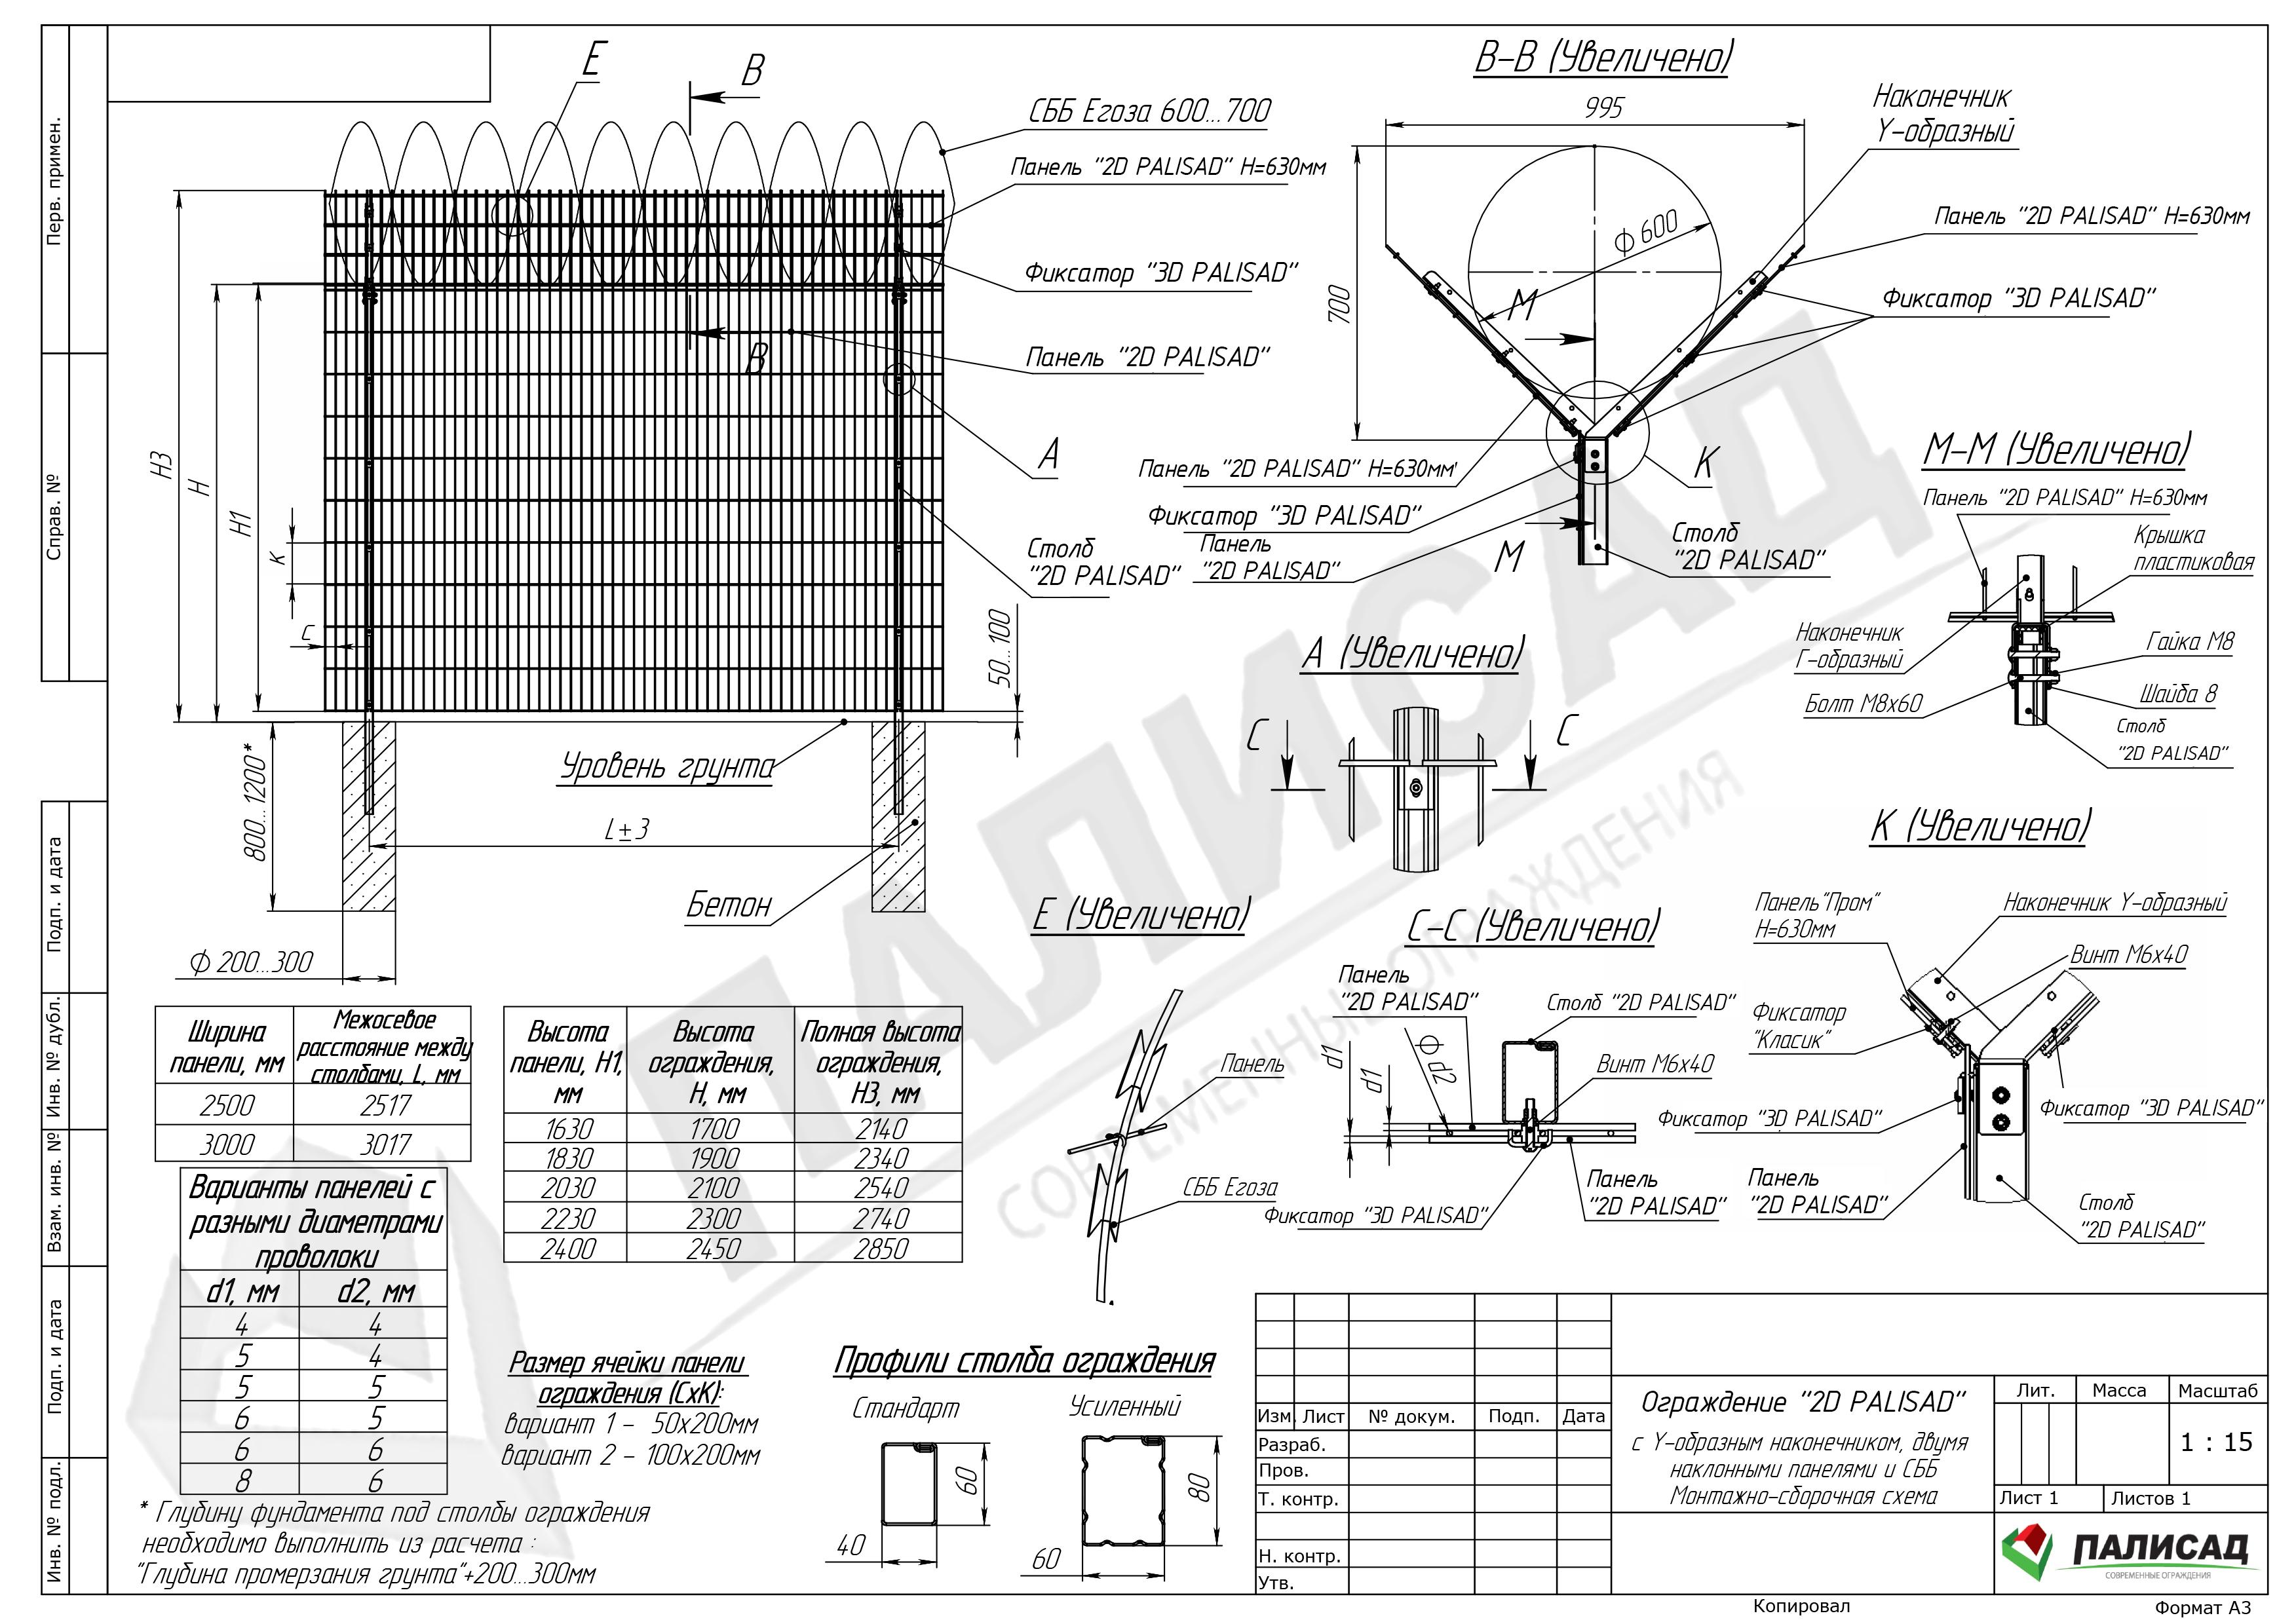 Пром-13-12-(ТОП_1,6-2,4-Ст-Y-ПАН-СББ)(PDF)